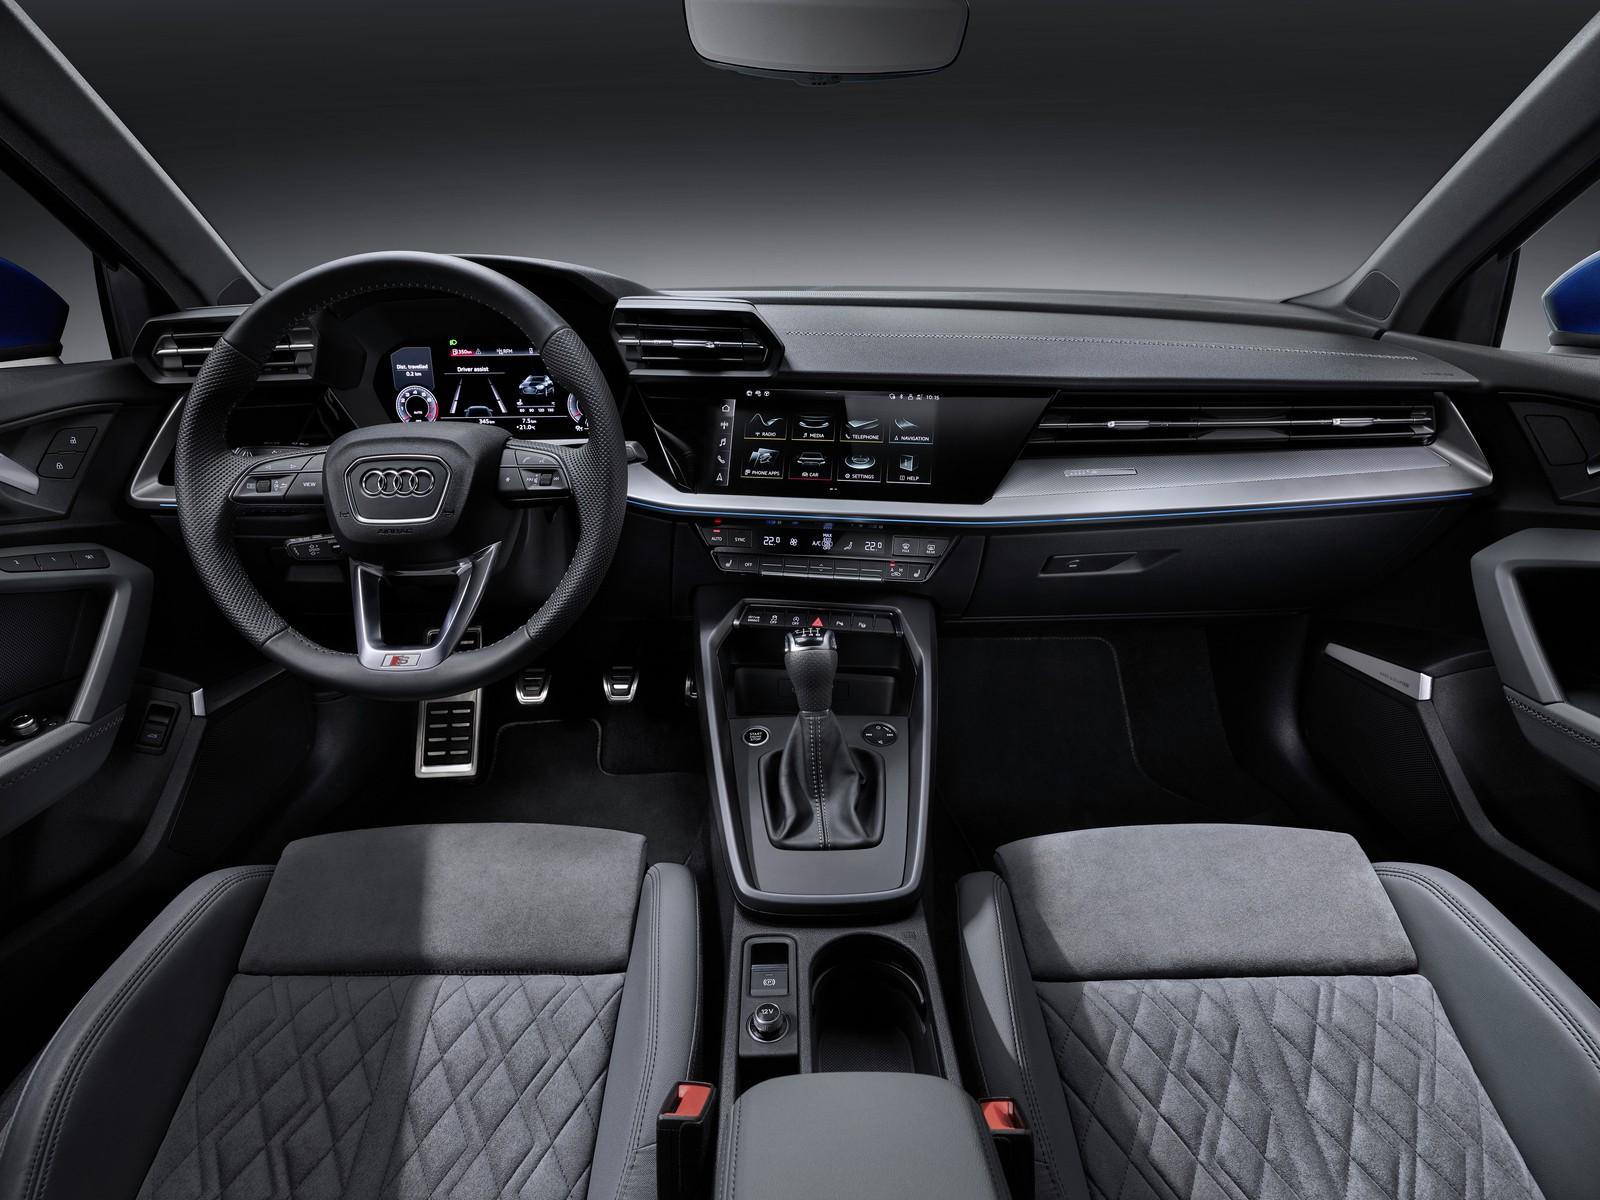 Новый Audi A3 дешёвая задняя подвеска и угловатый интерьер с настоящими кнопками